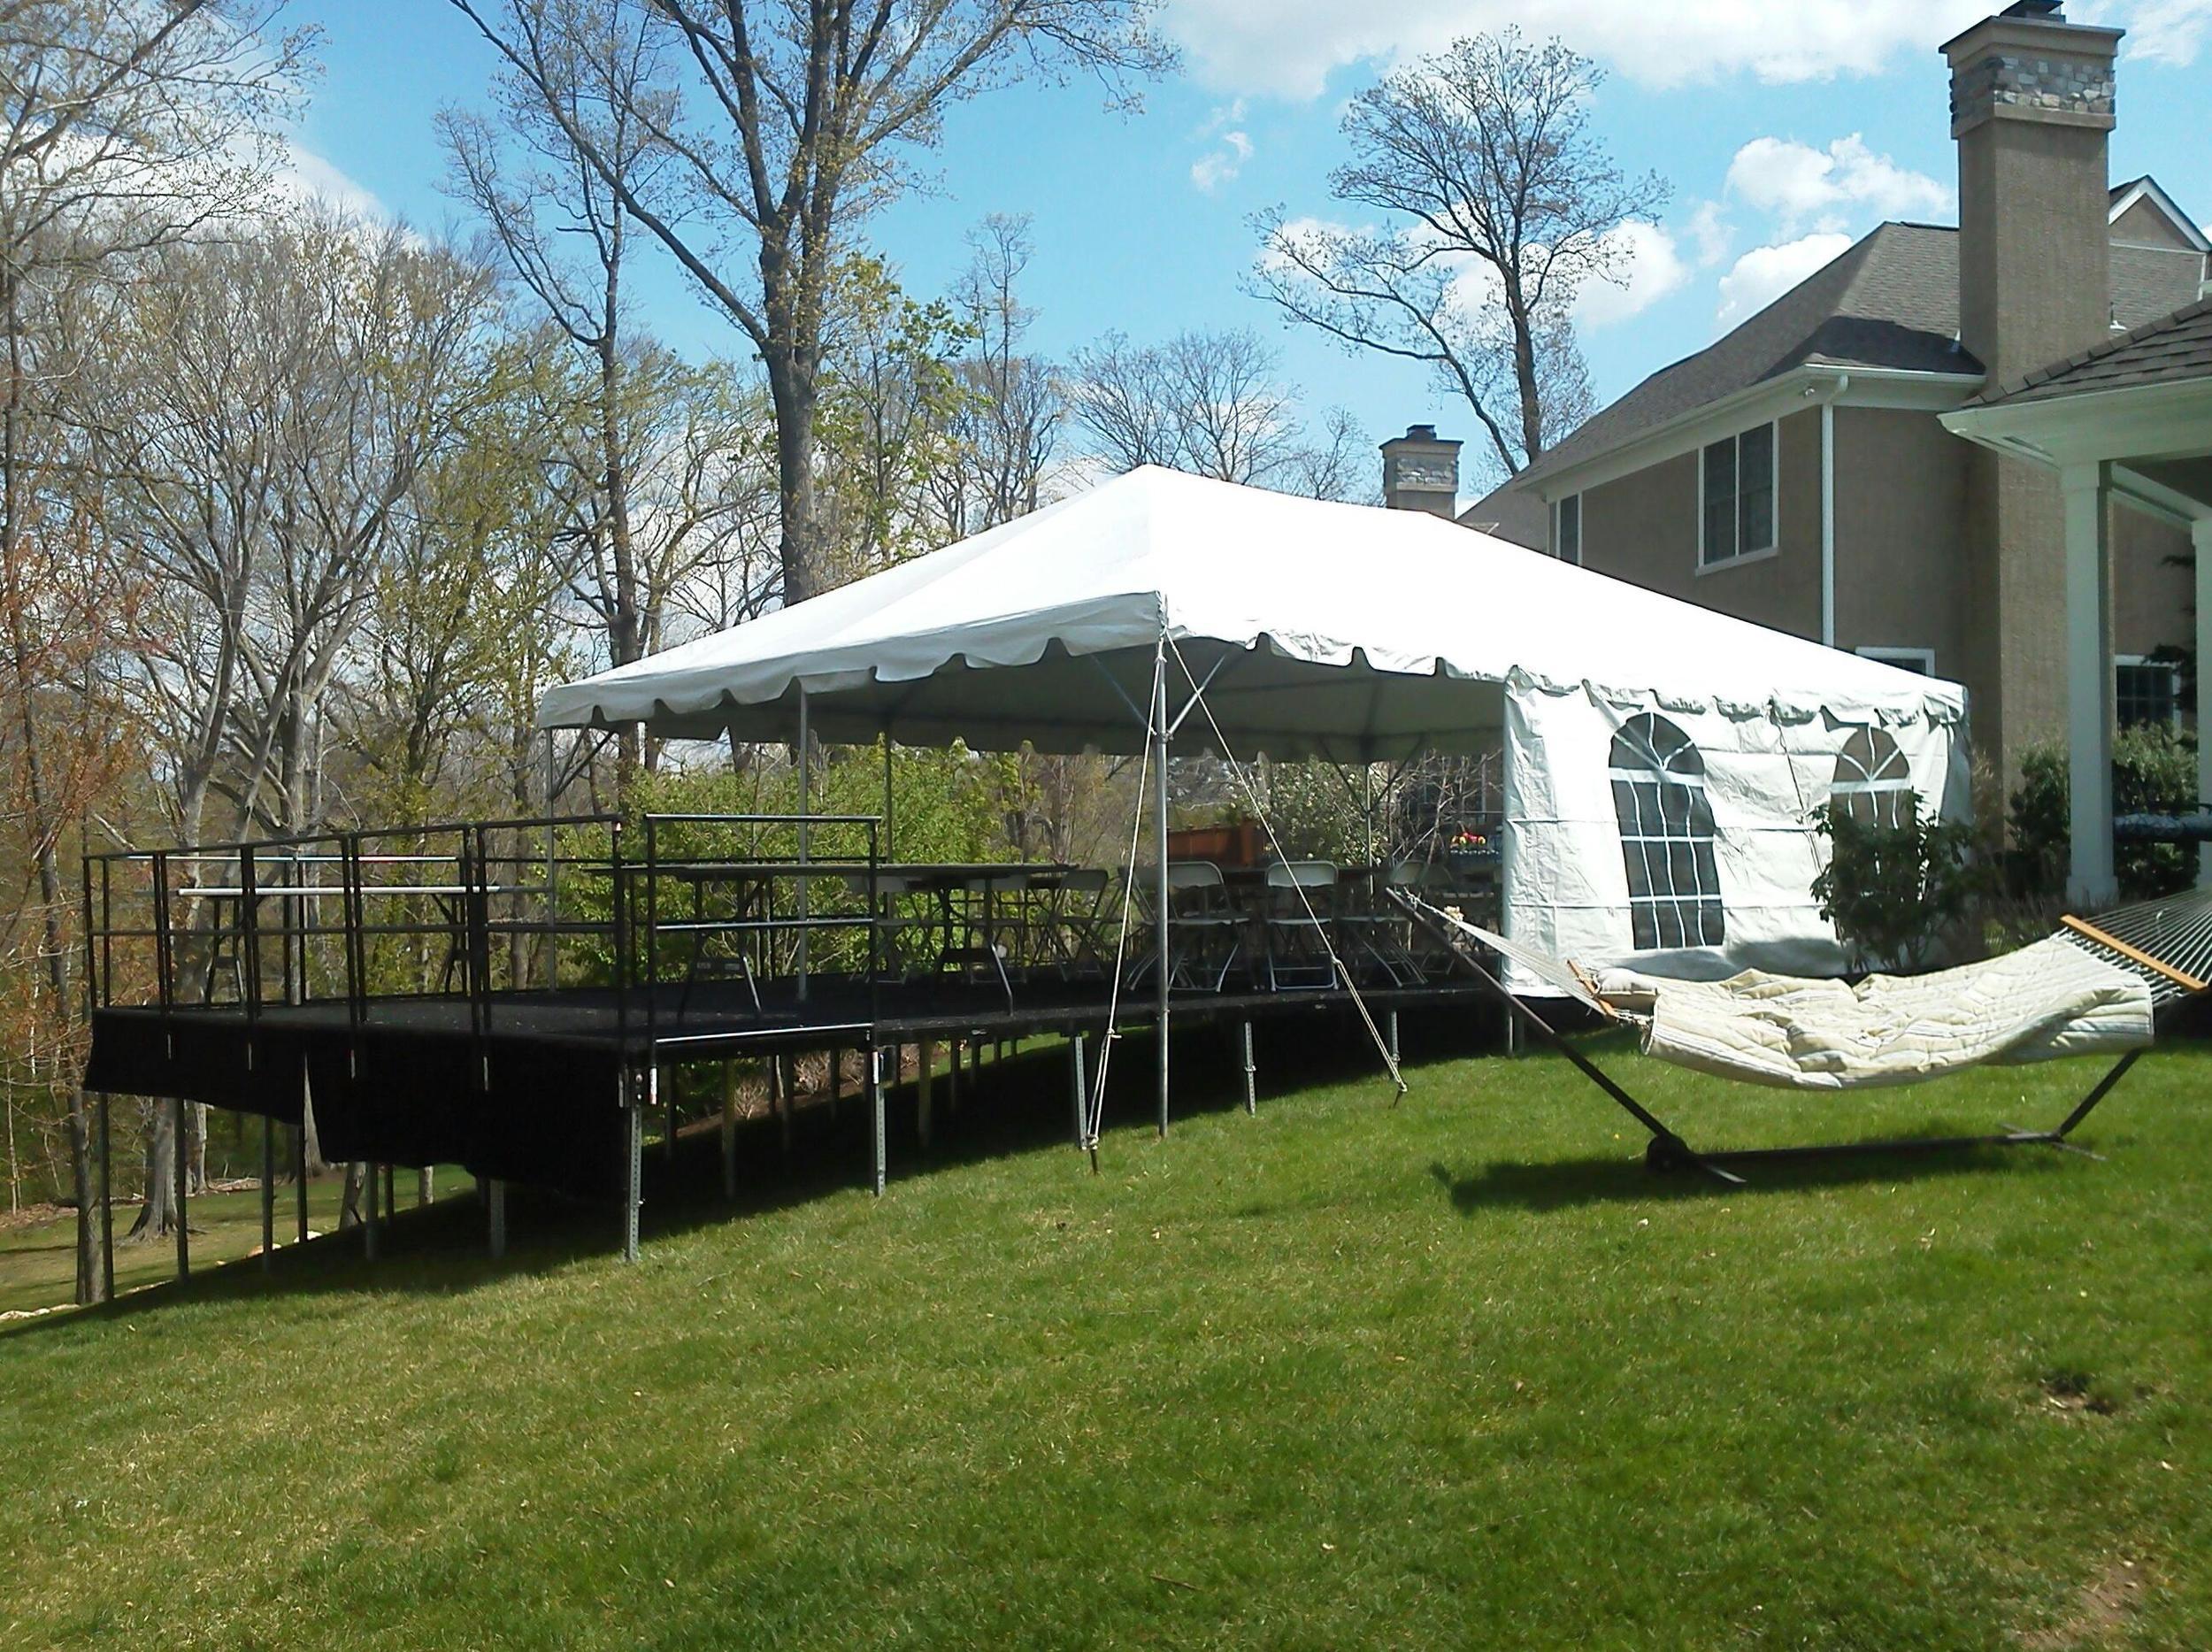 Tent on a raised platform/stage